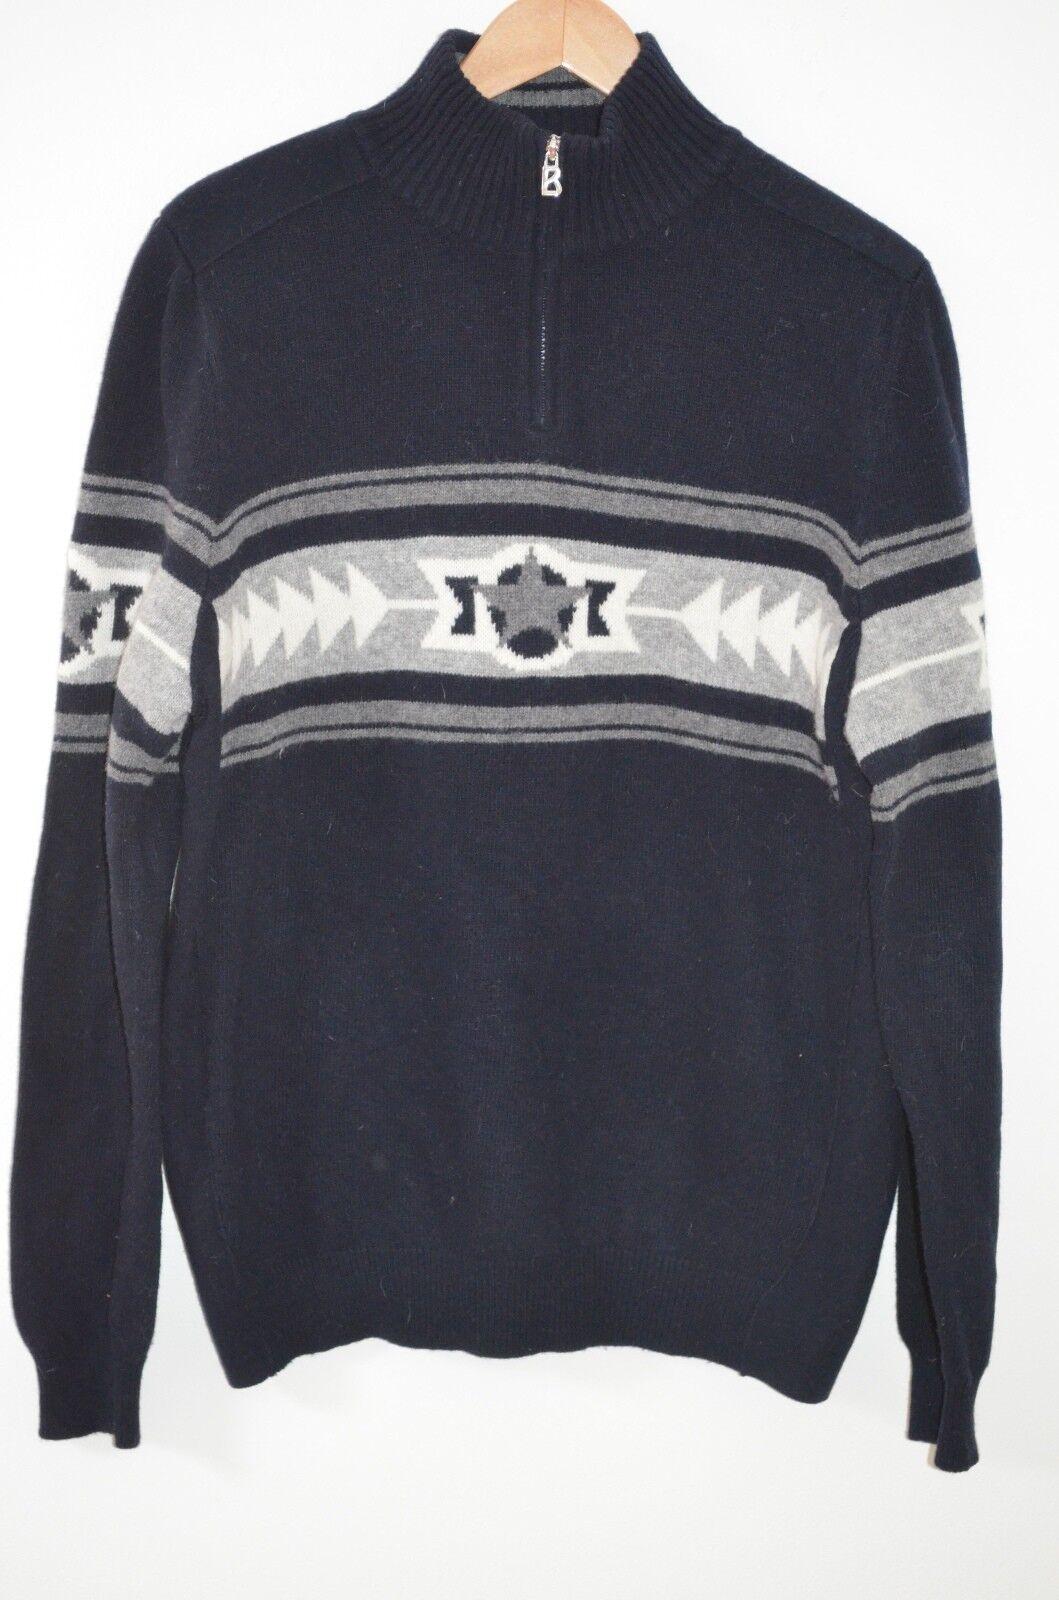 Bogner Navy bluee Nordic Print 1 2 Zip Long Sleeve 100% Wool Size L